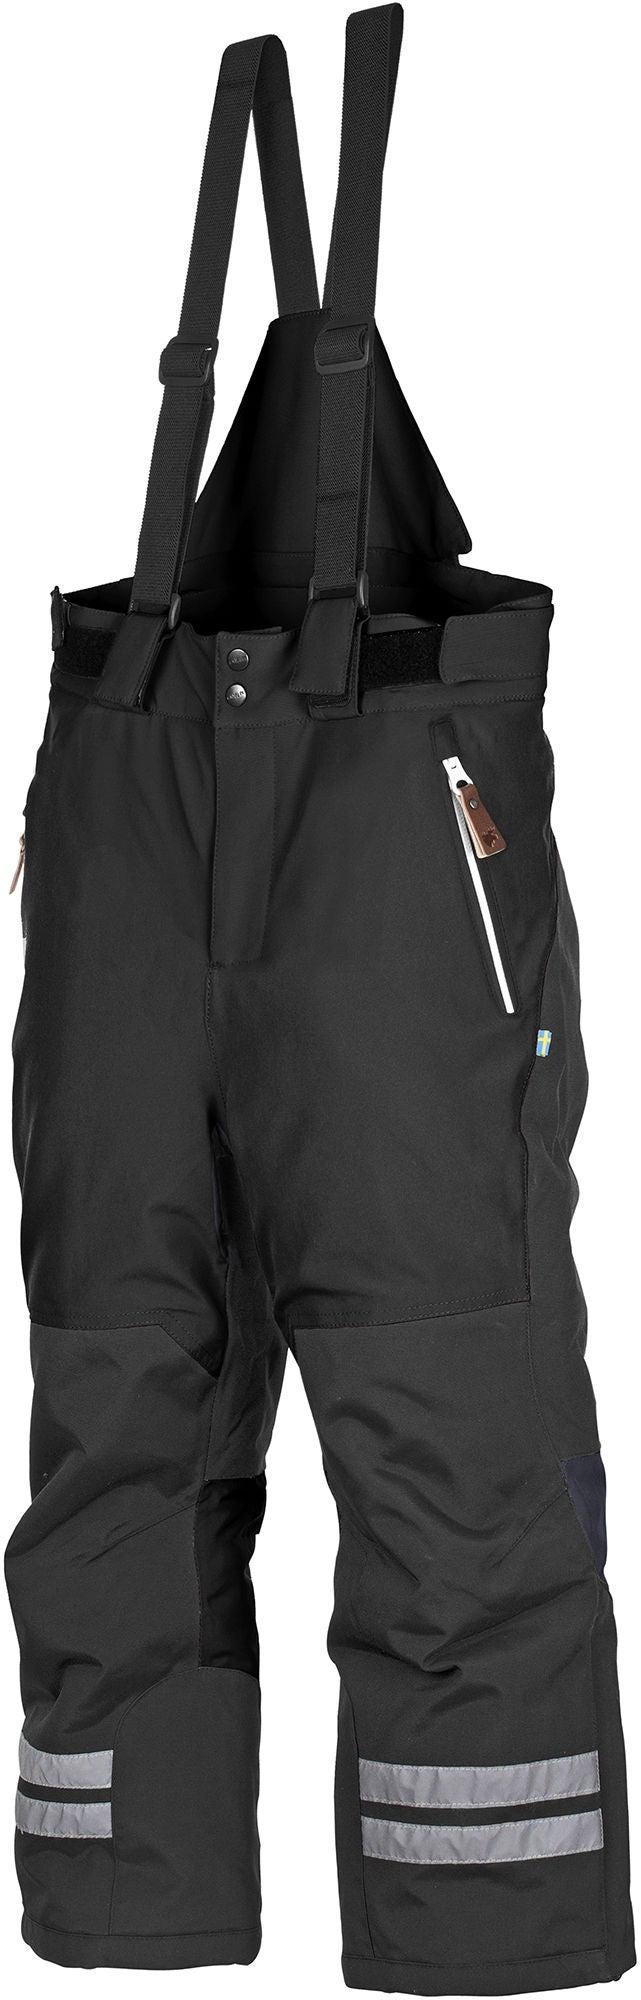 Lindberg Keystone Bukse, Black 80